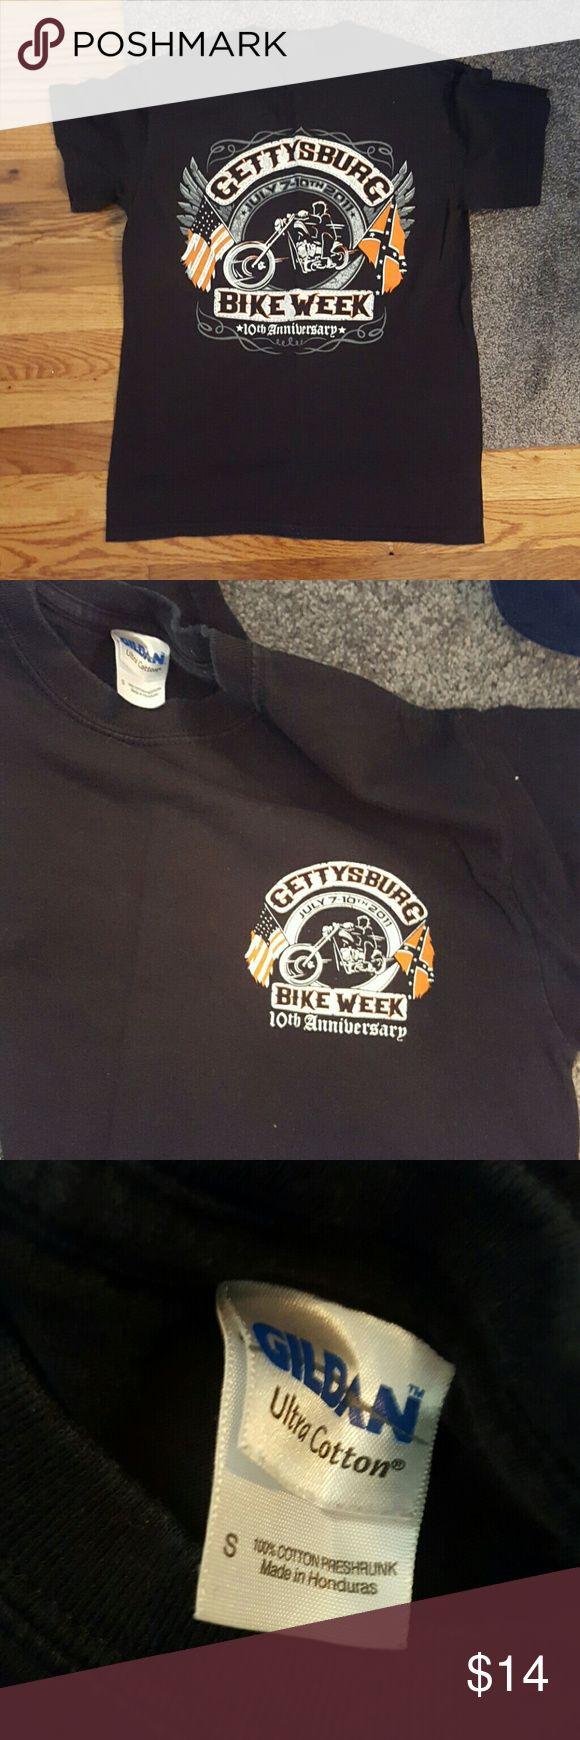 Gettysburg Bike week 10yr anniversary tee. Men's small. Black. Big decal is on the back. Tops Tees - Short Sleeve